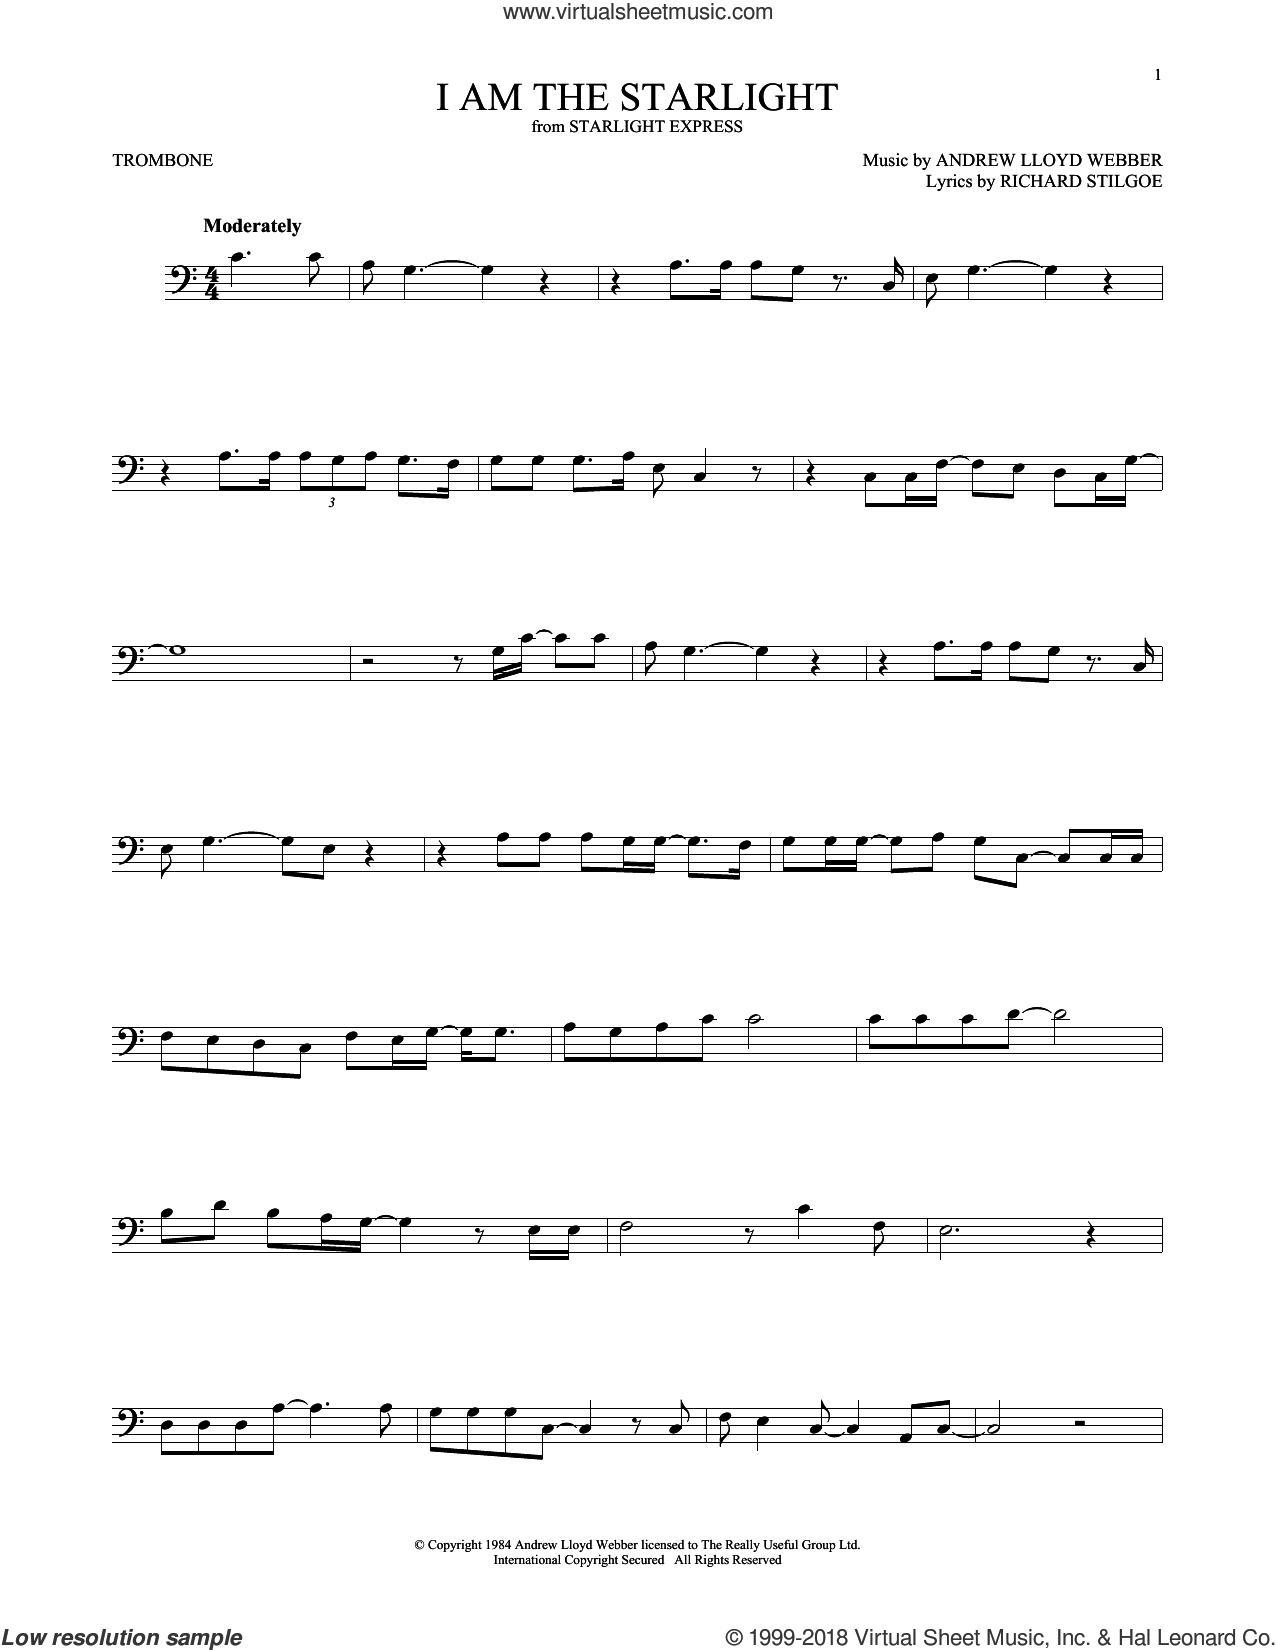 I Am The Starlight sheet music for trombone solo by Andrew Lloyd Webber and Richard Stilgoe, intermediate skill level